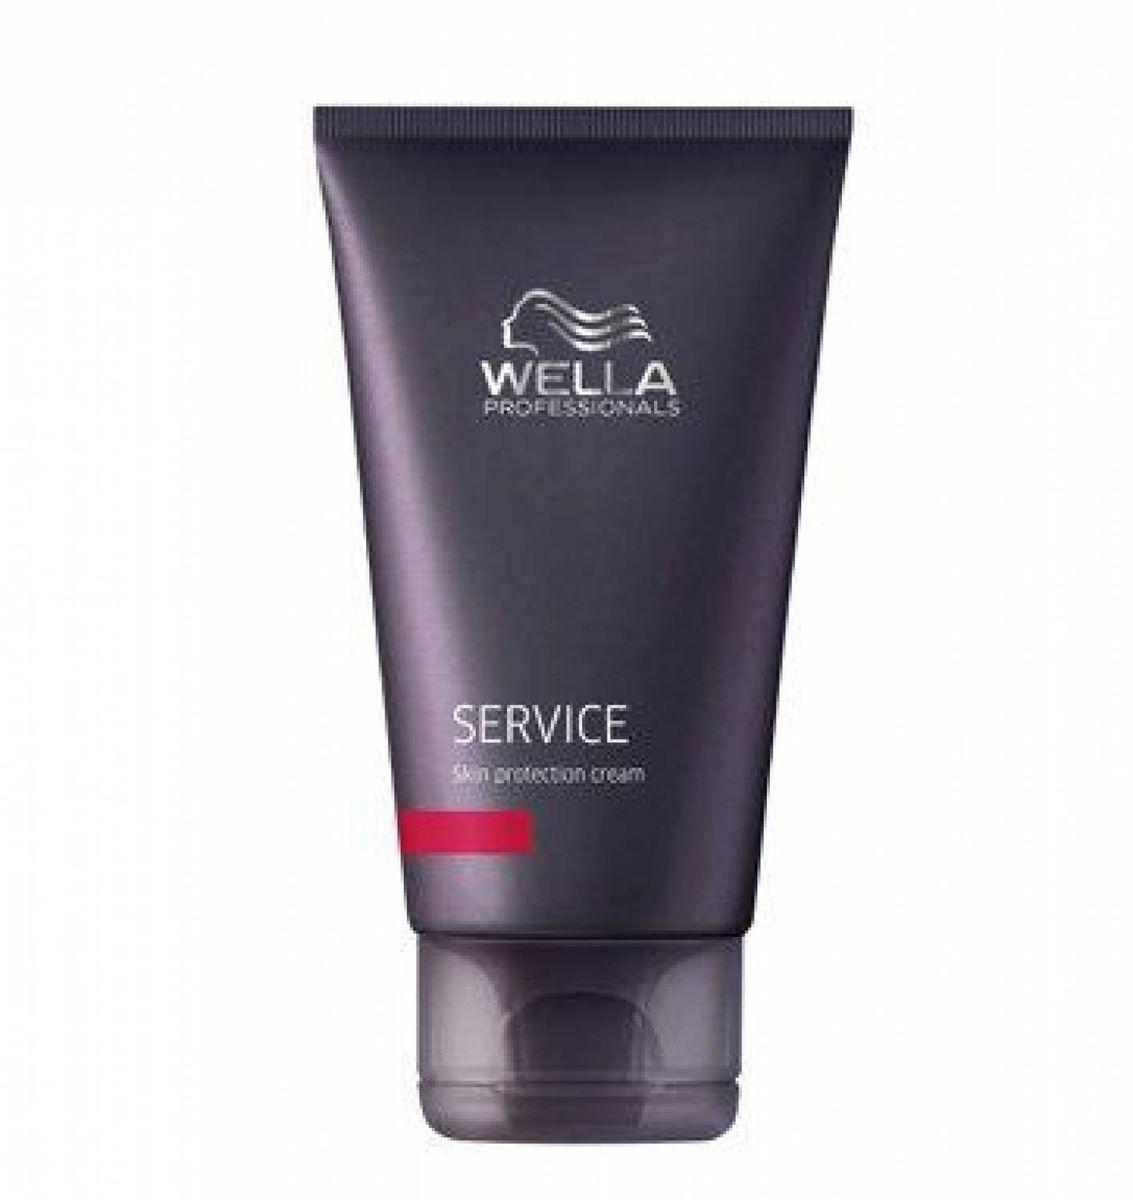 Wella Крем для защиты кожи головы Service Line, 75 мл81237566Wella Service Line Крем для защиты кожи головы содержит витамин Е и способствует предотвращению окрашивания кожи головы при покраски волос. Благодаря своей текстуре, защитный крем мягко и бережно ухаживает за кожей головы. Негативное воздействие окружающей среды, возможно, предотвратить, если регулярно наносить крем Wella Service Line на поверхность кожи головы. Также можно добиться уплотнения структуры волос, что немало важно при современном ритме жизни. Эстракт орхидеи добавленный в крем придает текстуре нежный цвет и аромат. Можно пользоваться Wella Service Line без предостережений, ведь он протестирован дерматологами и не представляет никакой опасности для здоровья волосяной луковицы.